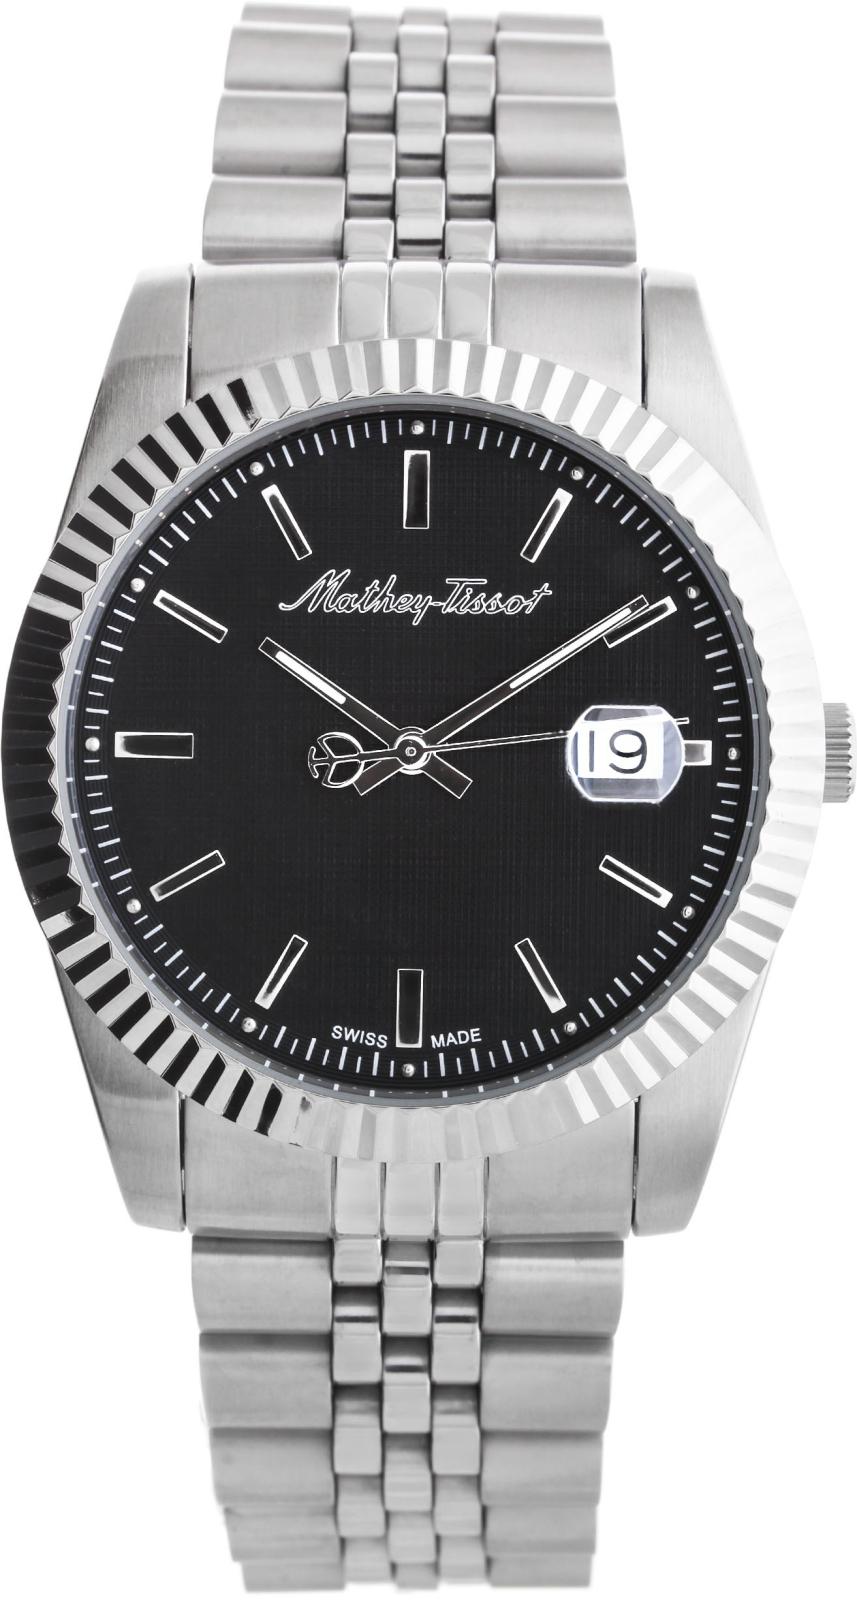 Mathey-Tissot Rolly H810ANНаручные часы<br>Швейцарские часы Mathey-Tissot Rolly H810AN<br><br>Пол: Мужские<br>Страна-производитель: Швейцария<br>Механизм: Кварцевый<br>Материал корпуса: Сталь<br>Материал ремня/браслета: Сталь<br>Водозащита, диапазон: None<br>Стекло: Минеральное<br>Толщина корпуса: None<br>Стиль: None